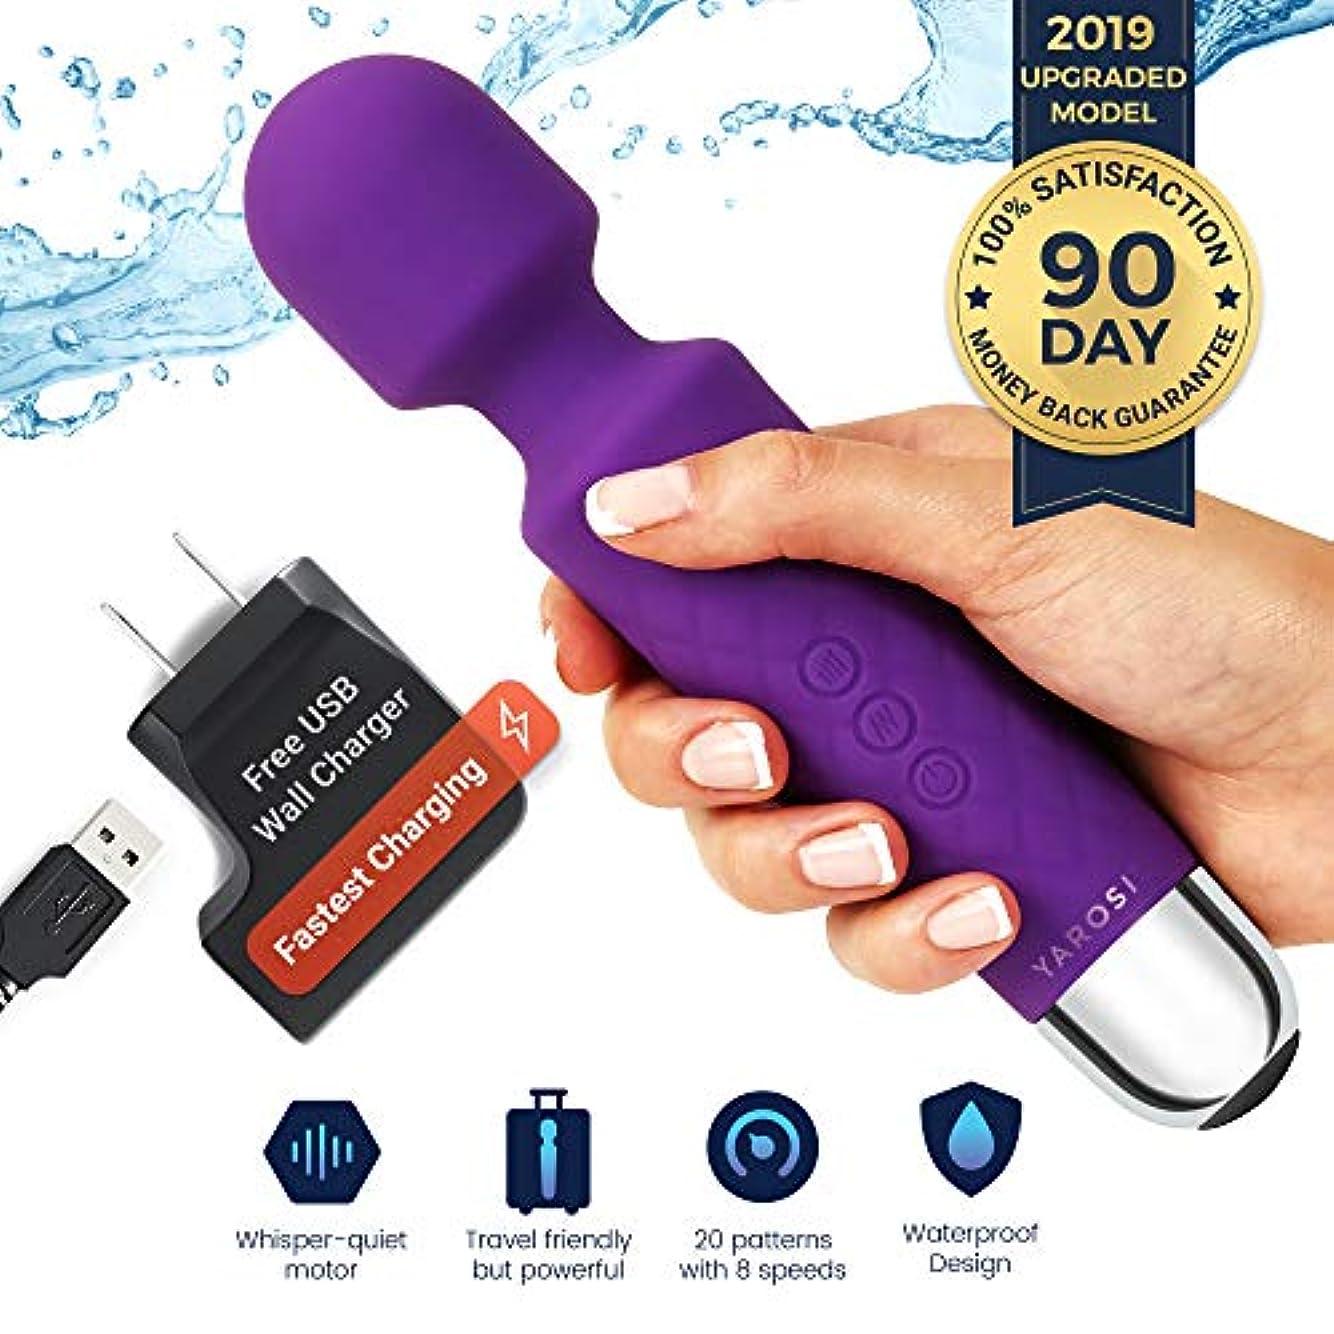 クレデンシャル通り抜ける許されるジャロシのコードレスワンドマッサージャー - 振動のための最も強力な治療 - 旅行の贈り物に適して - 魔法の圧力の目覚め - 筋肉のアーチやパーソナルスポーツの回復に最適 - USB - ミニ - パープル